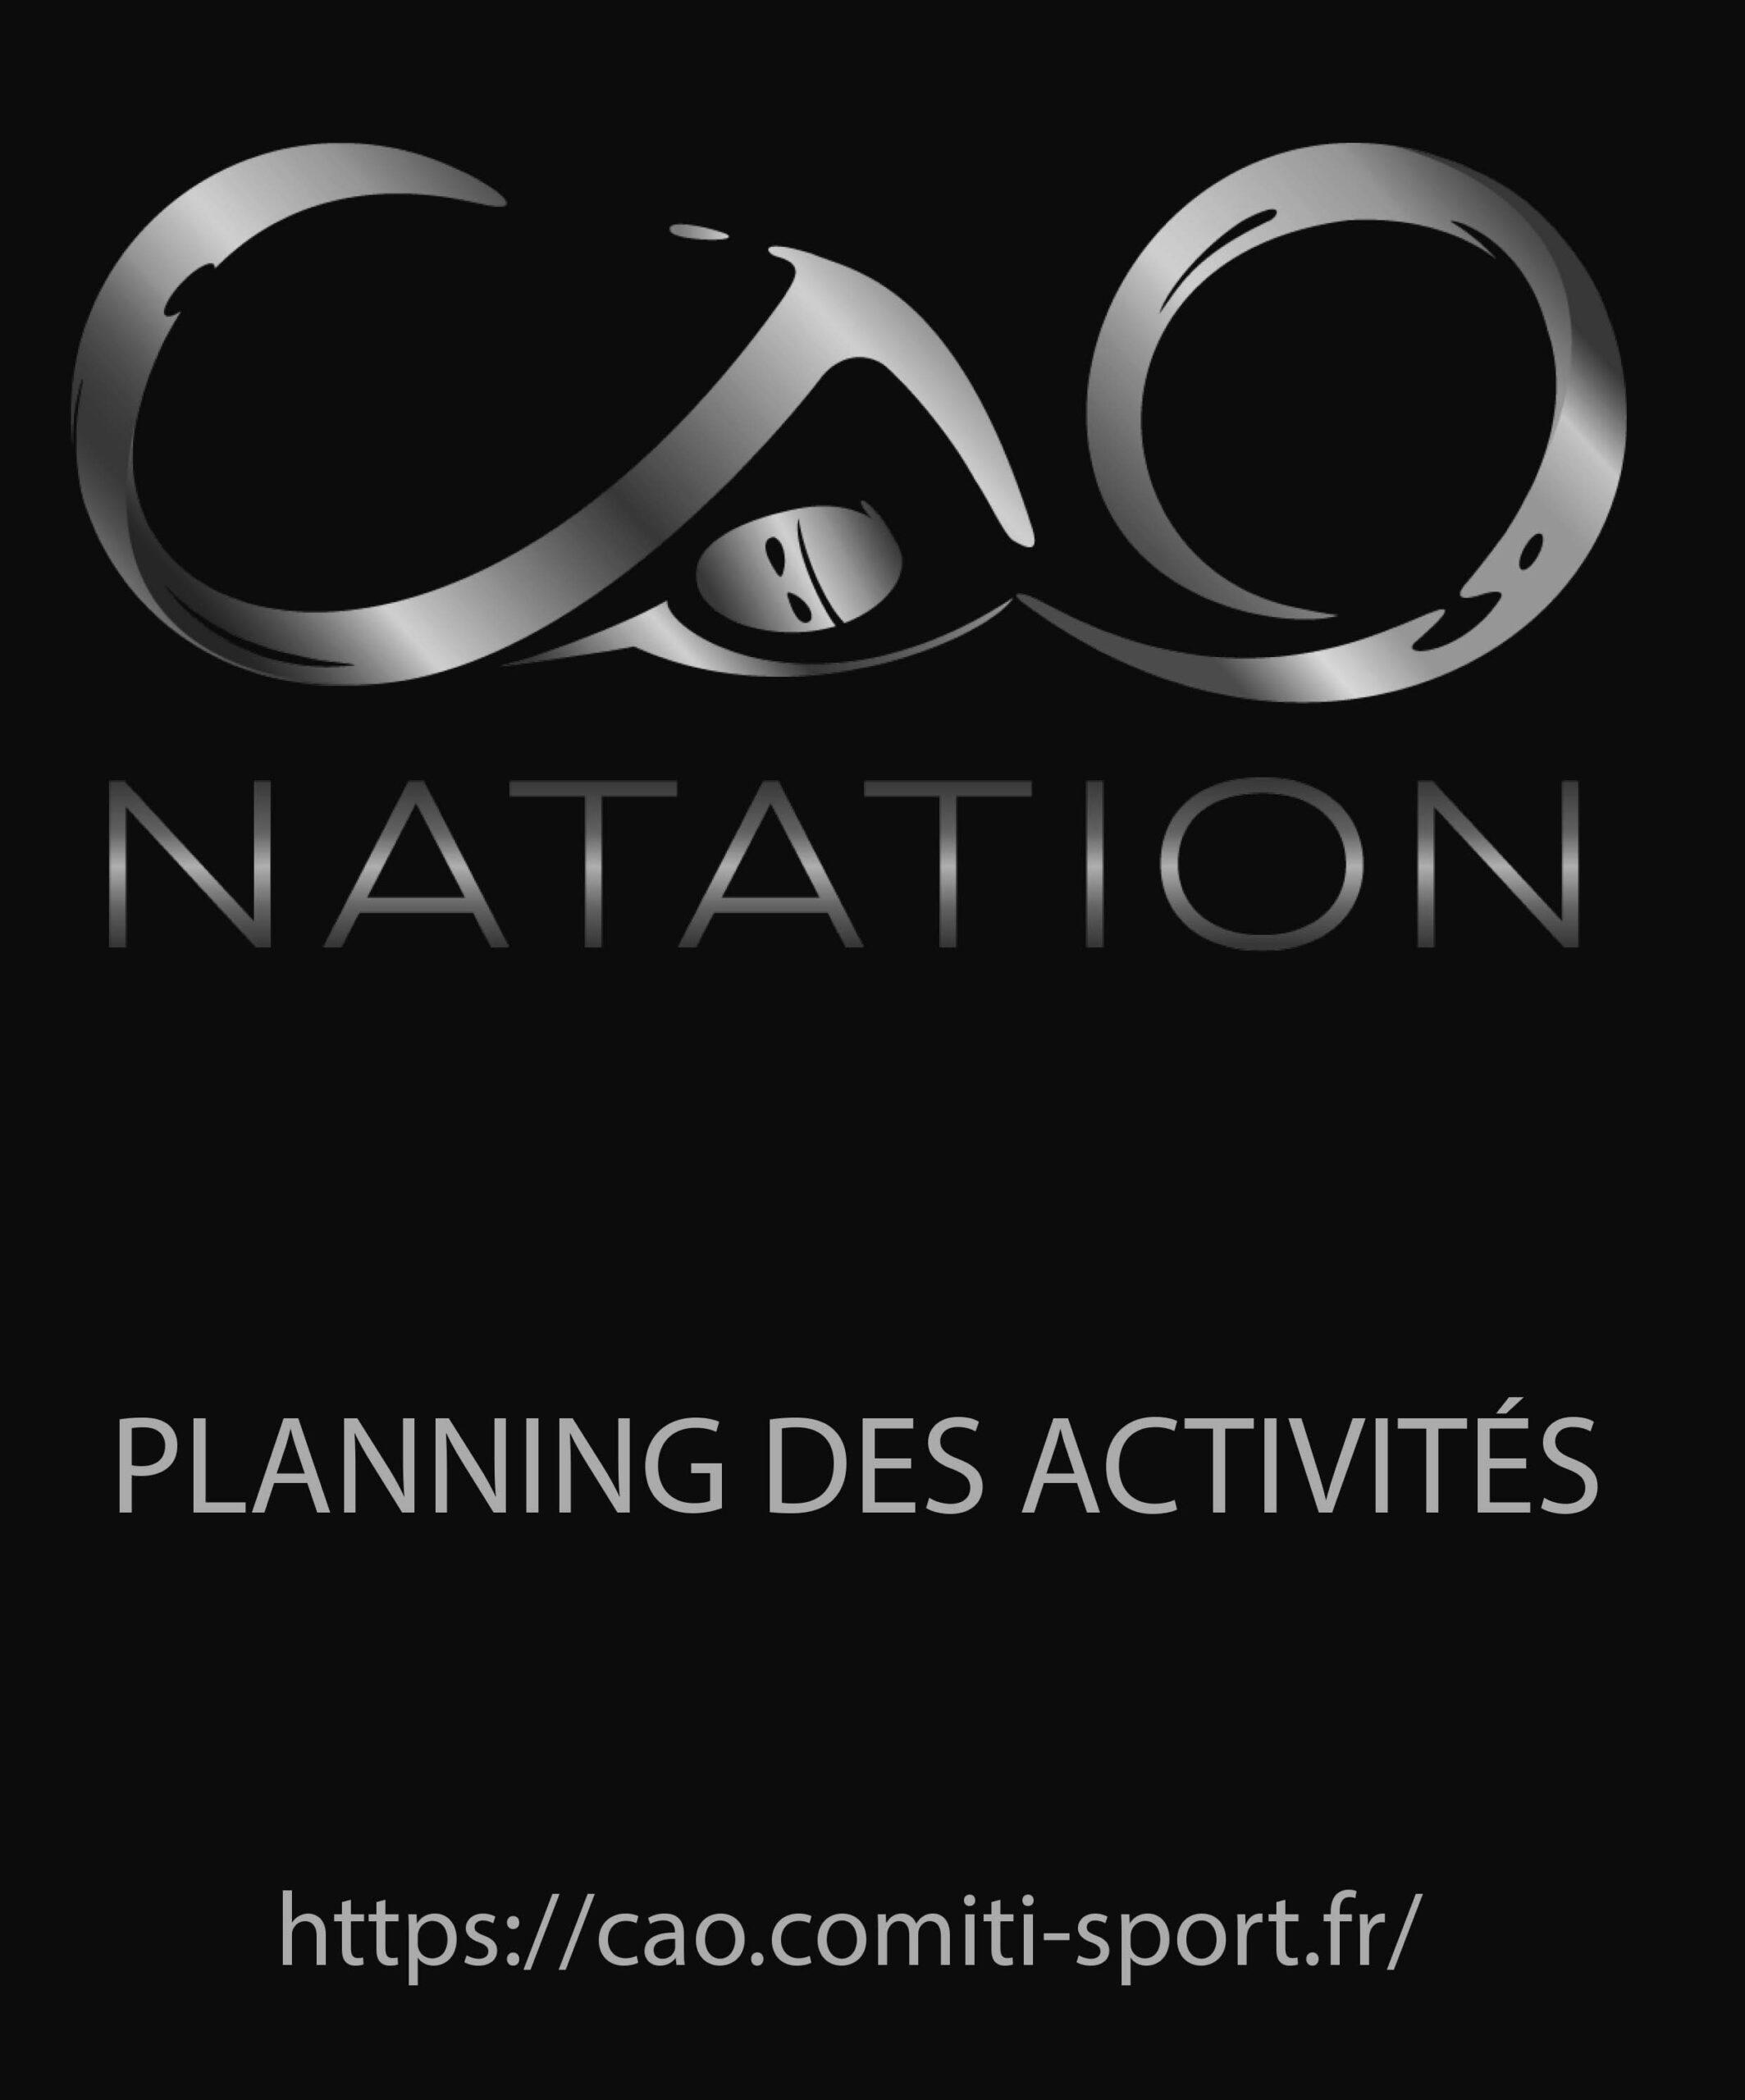 Planning des activités 2020-2021